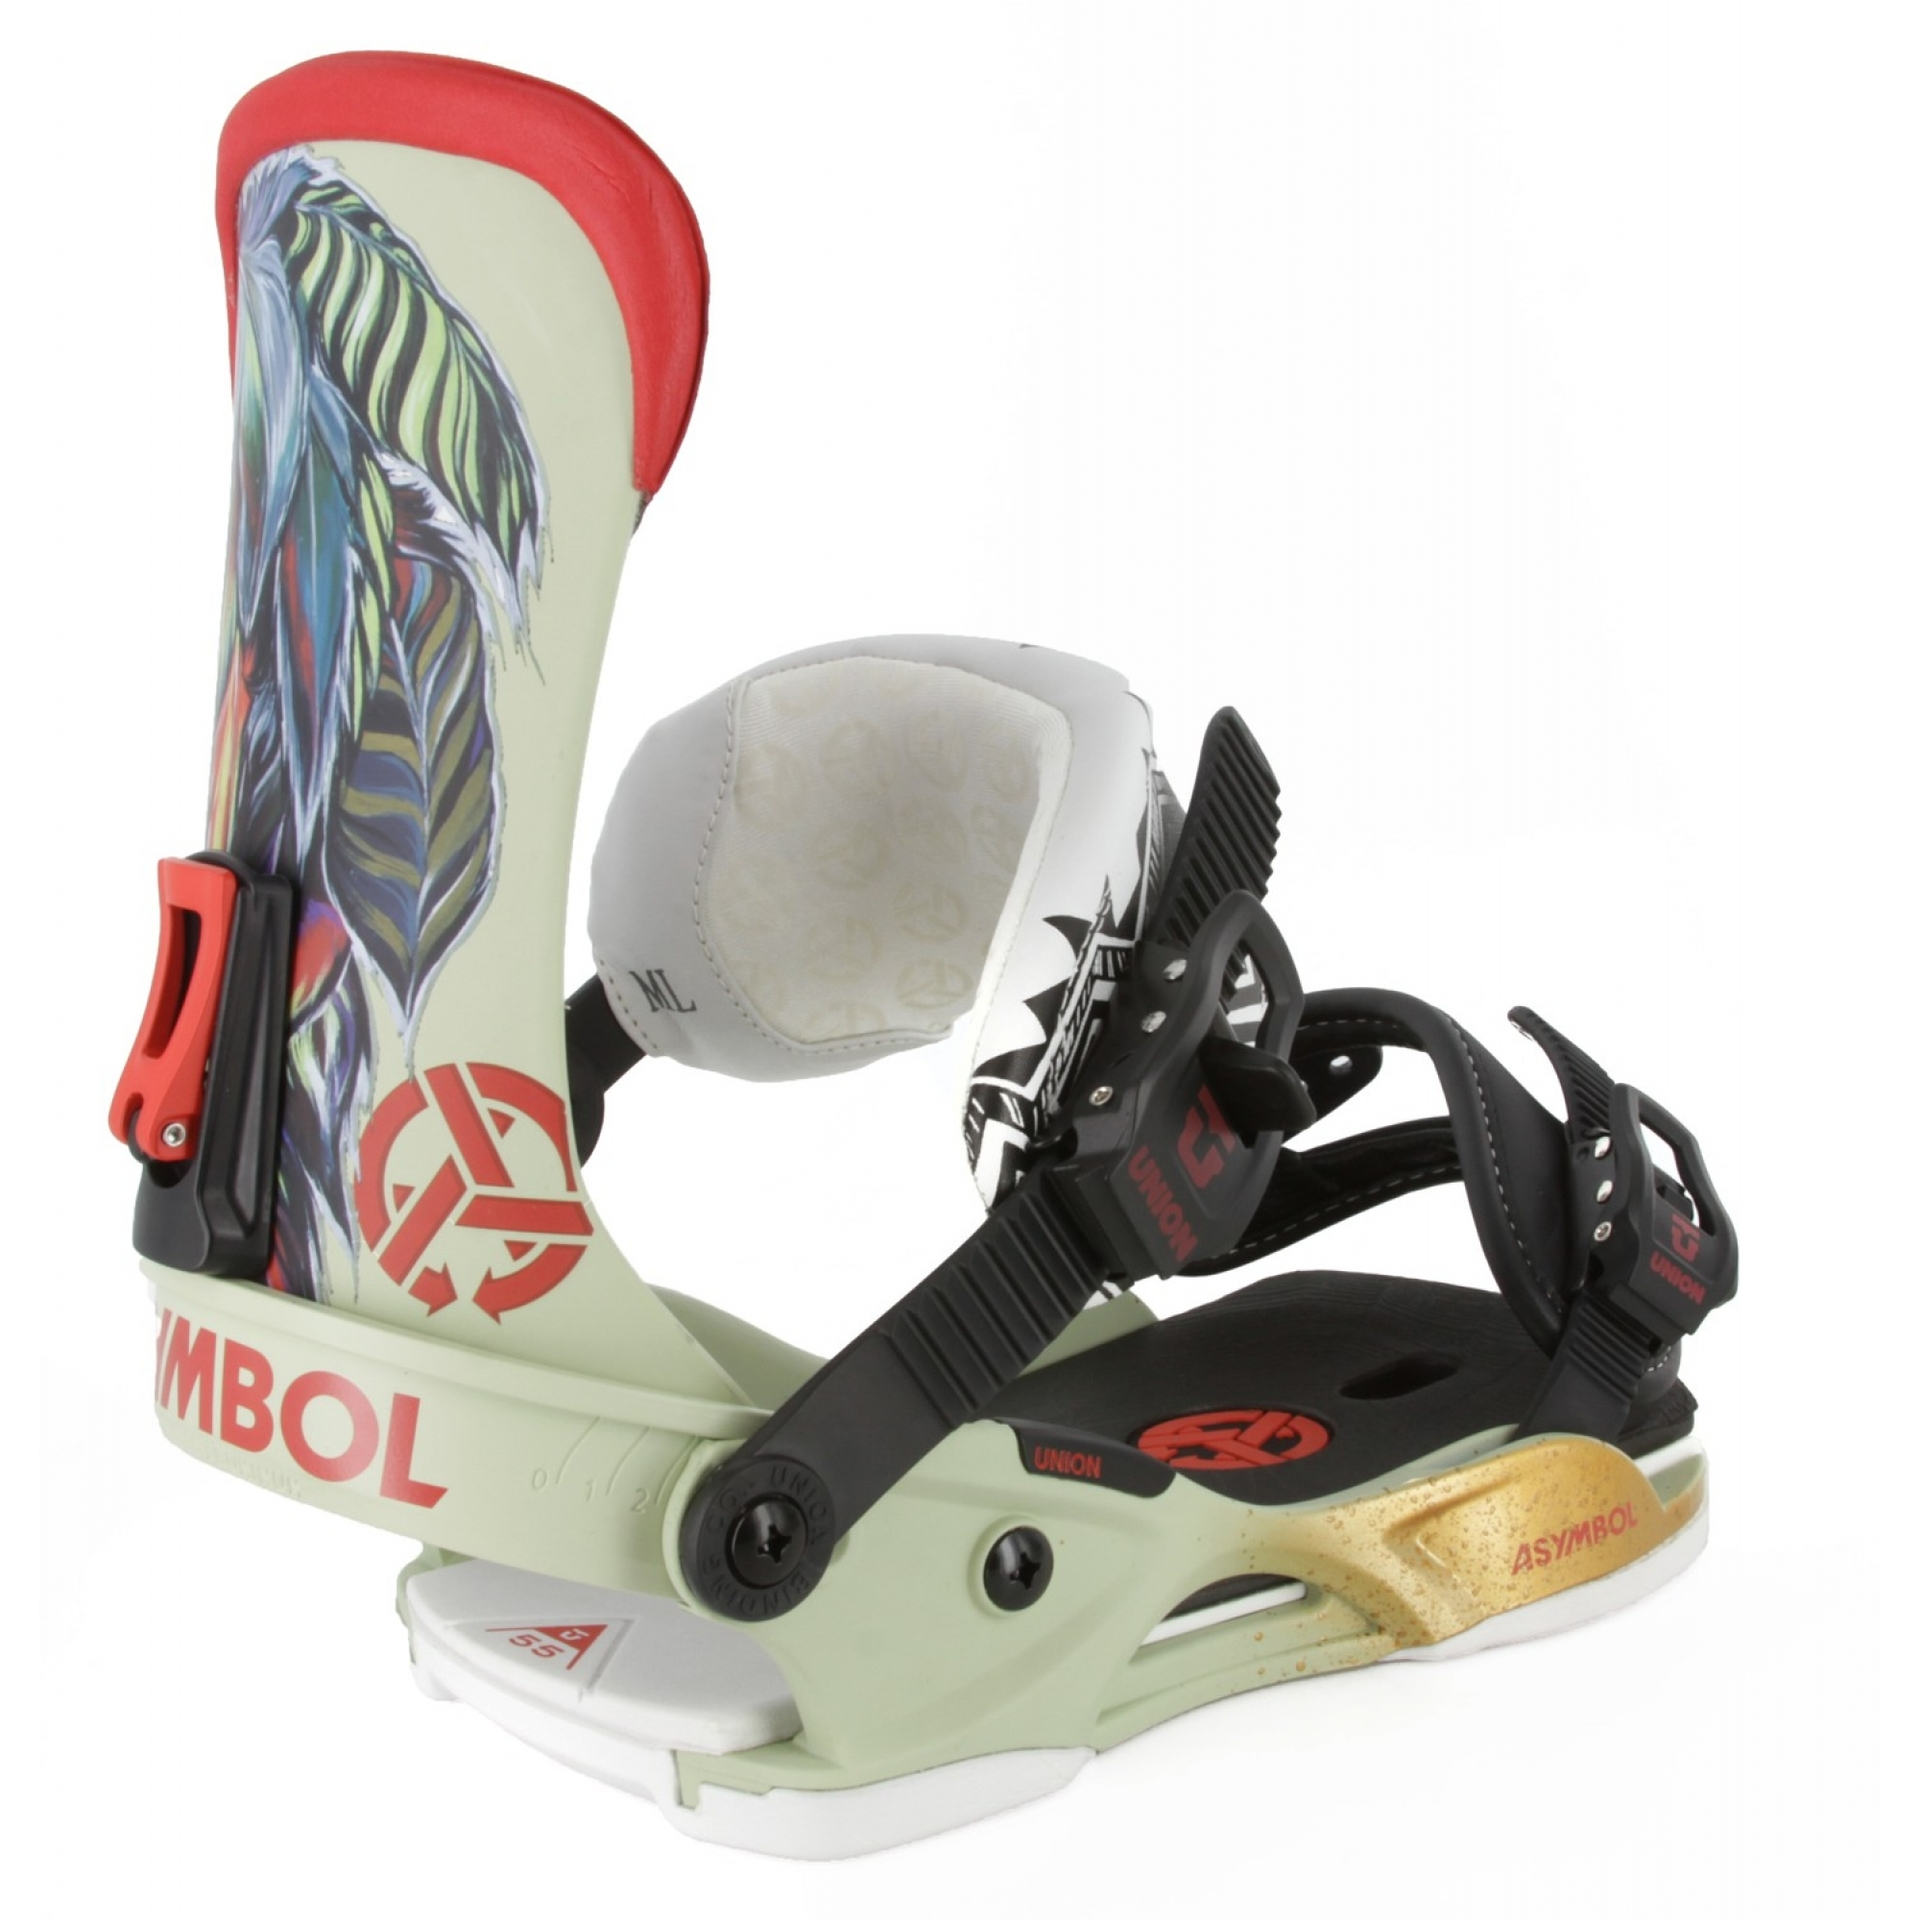 Wiązania snowboardowe Union Asymbol